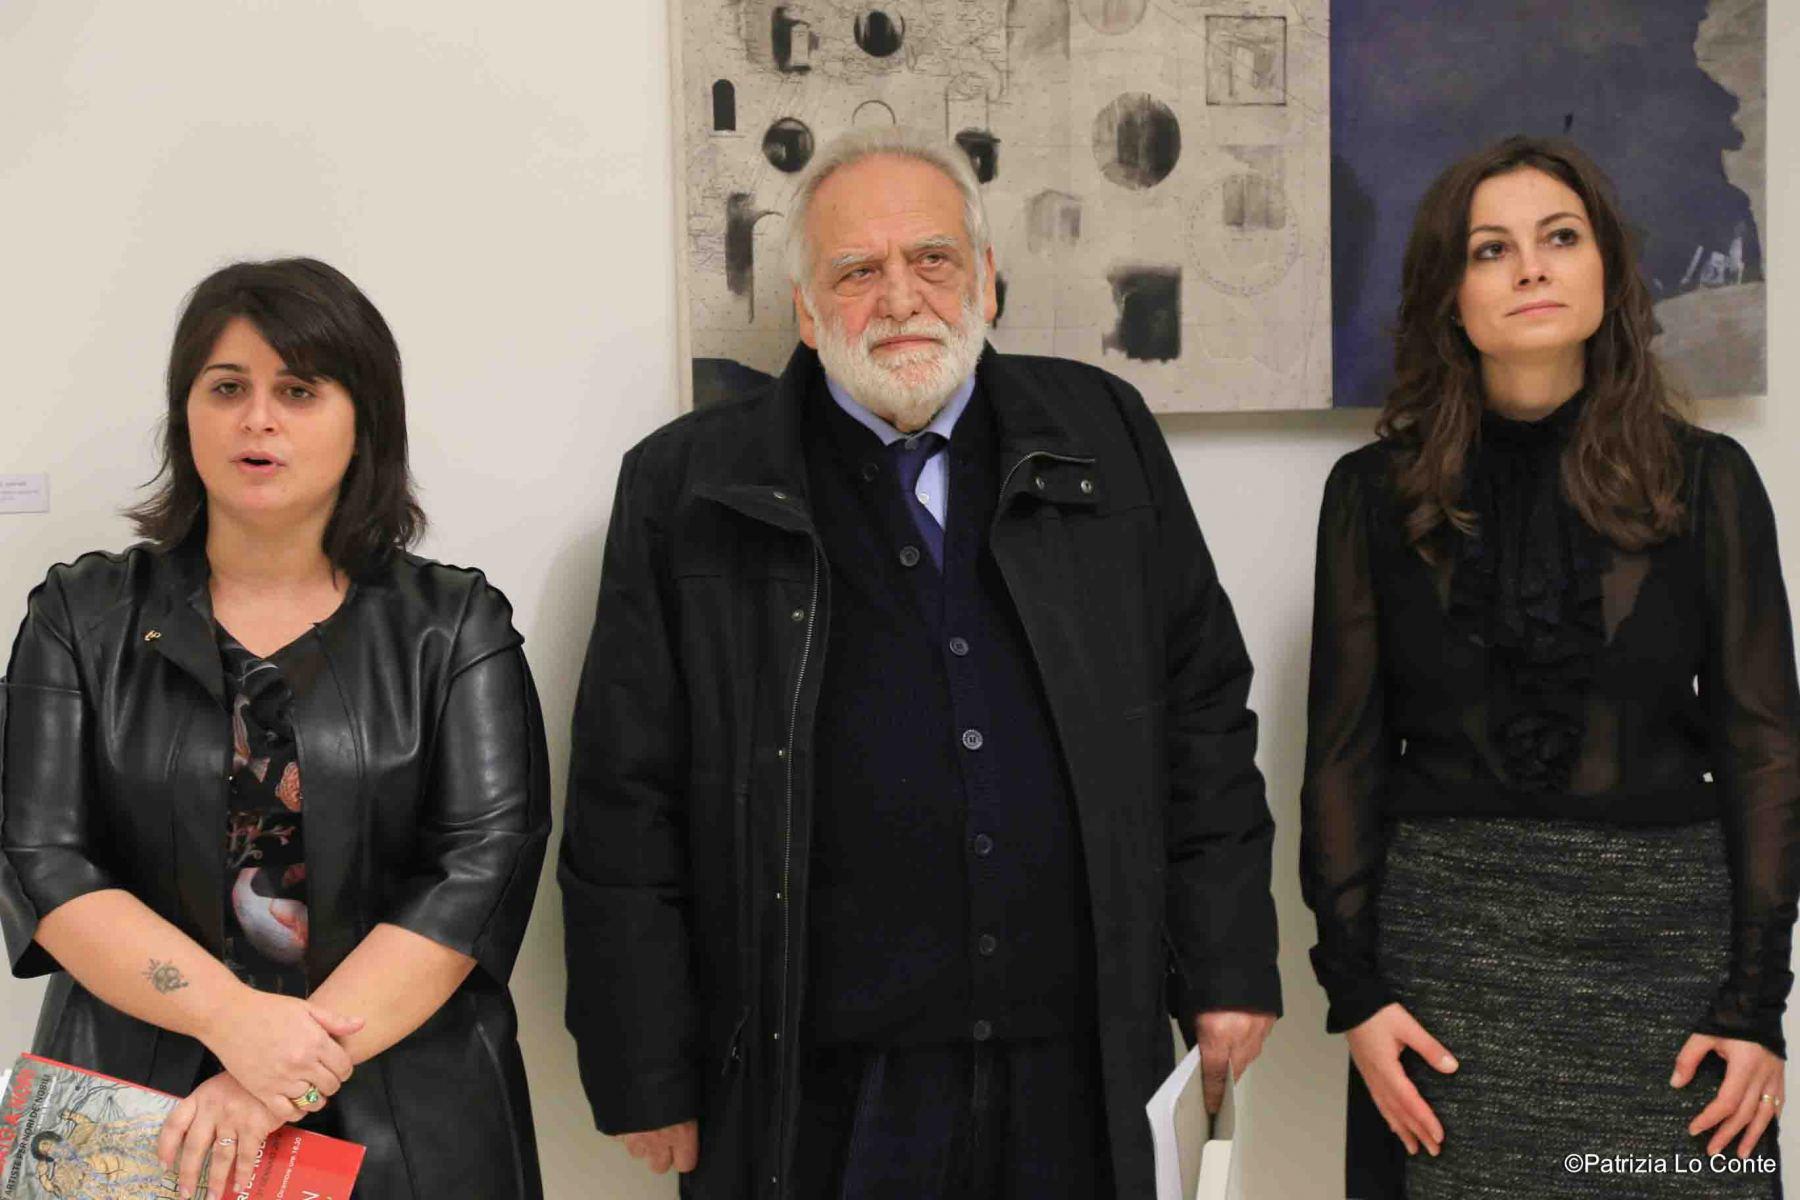 Patrizia-Lo-Conte-Ripe-Ada-Merini-2015-2707-1